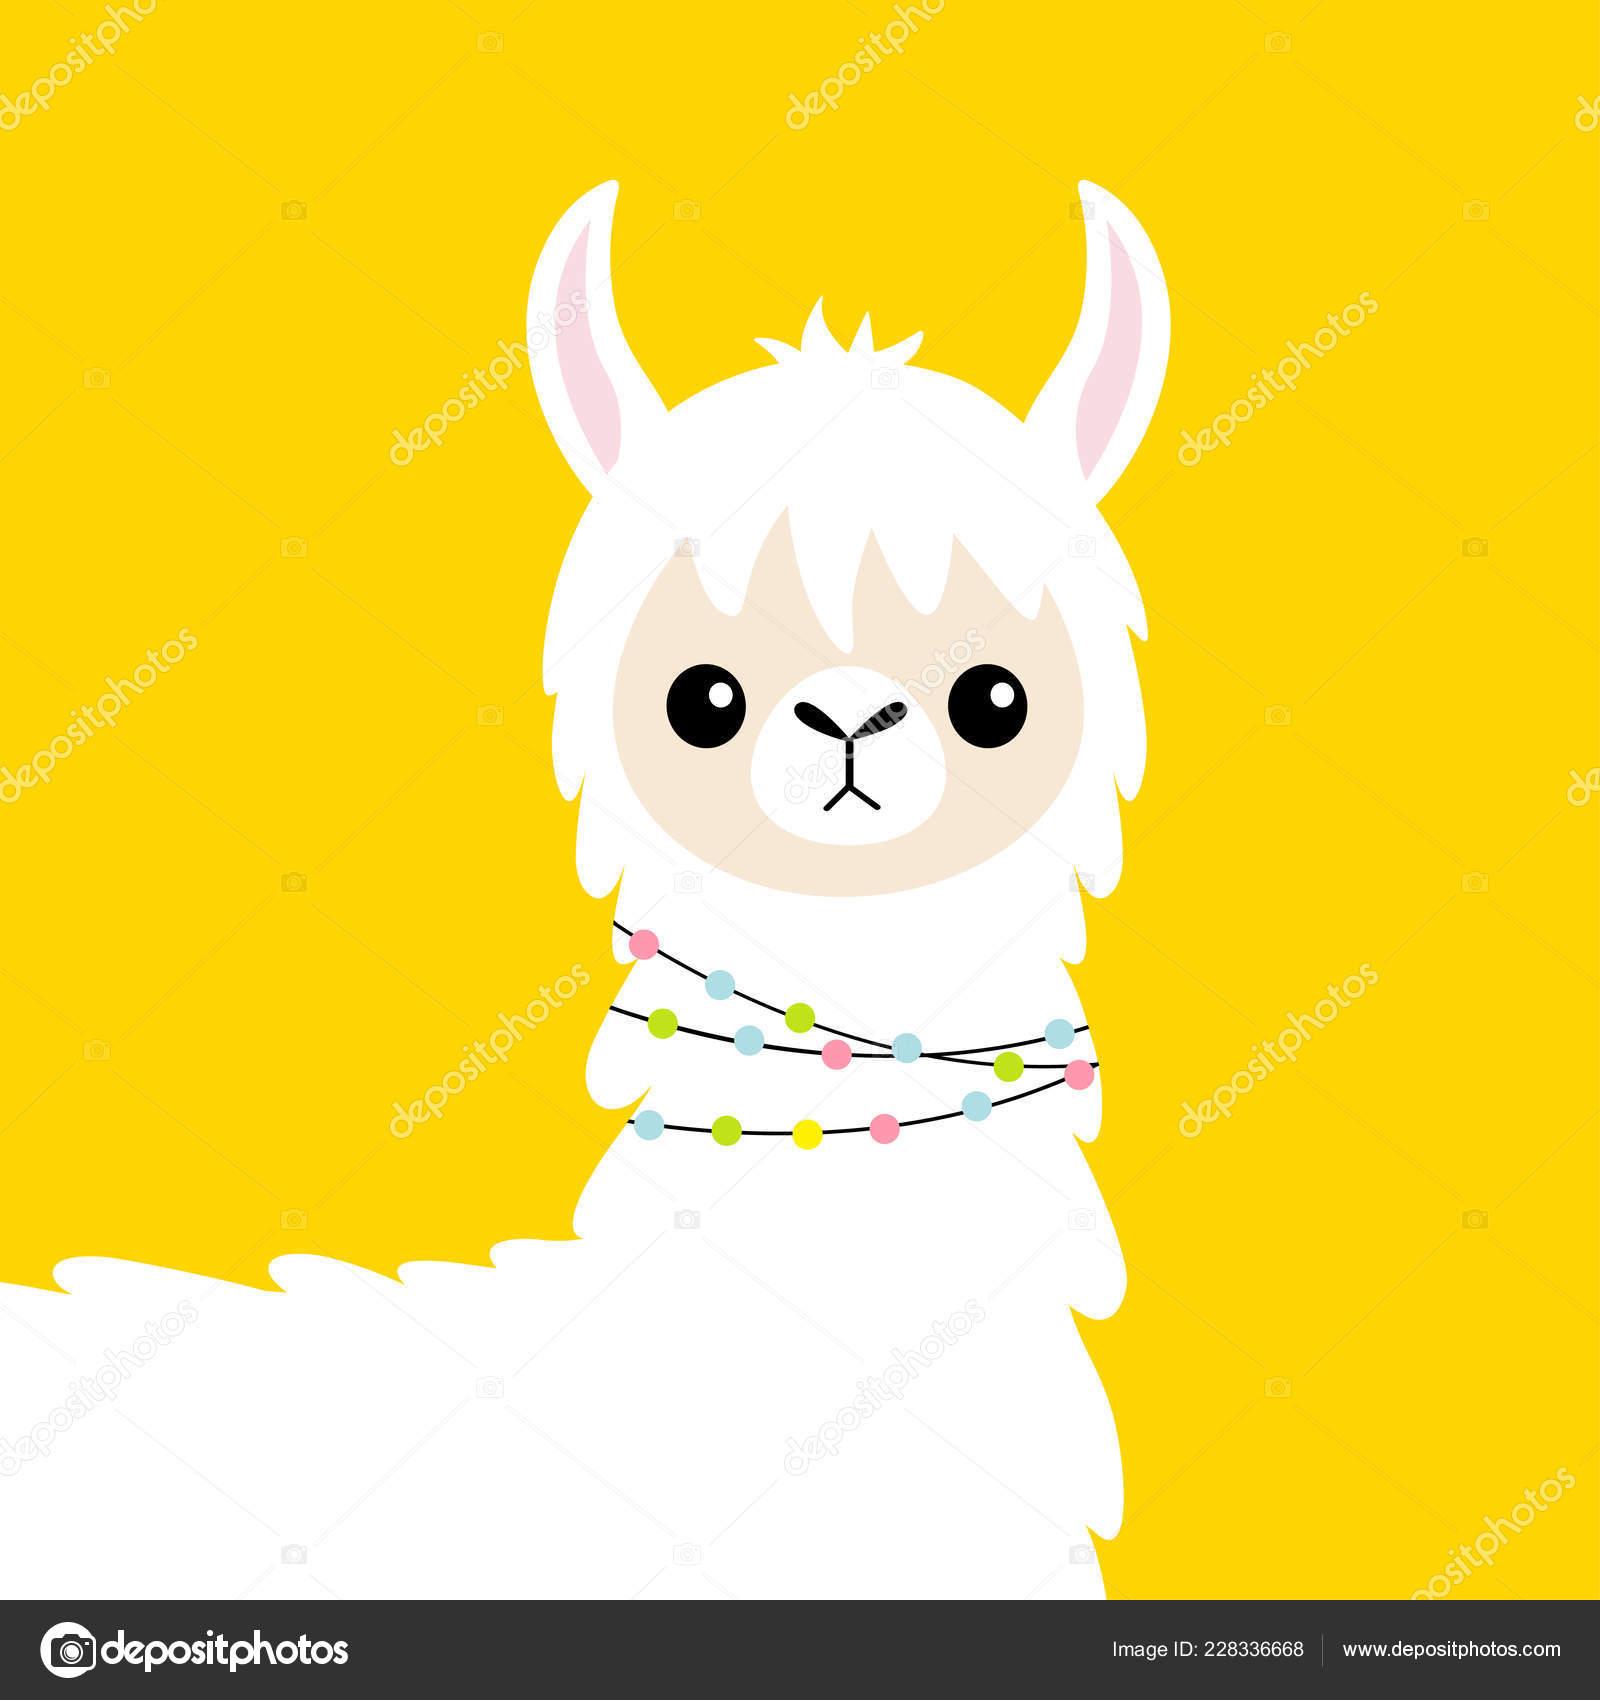 llama alpaca head baby face cute cartoon funny kawaii smiling